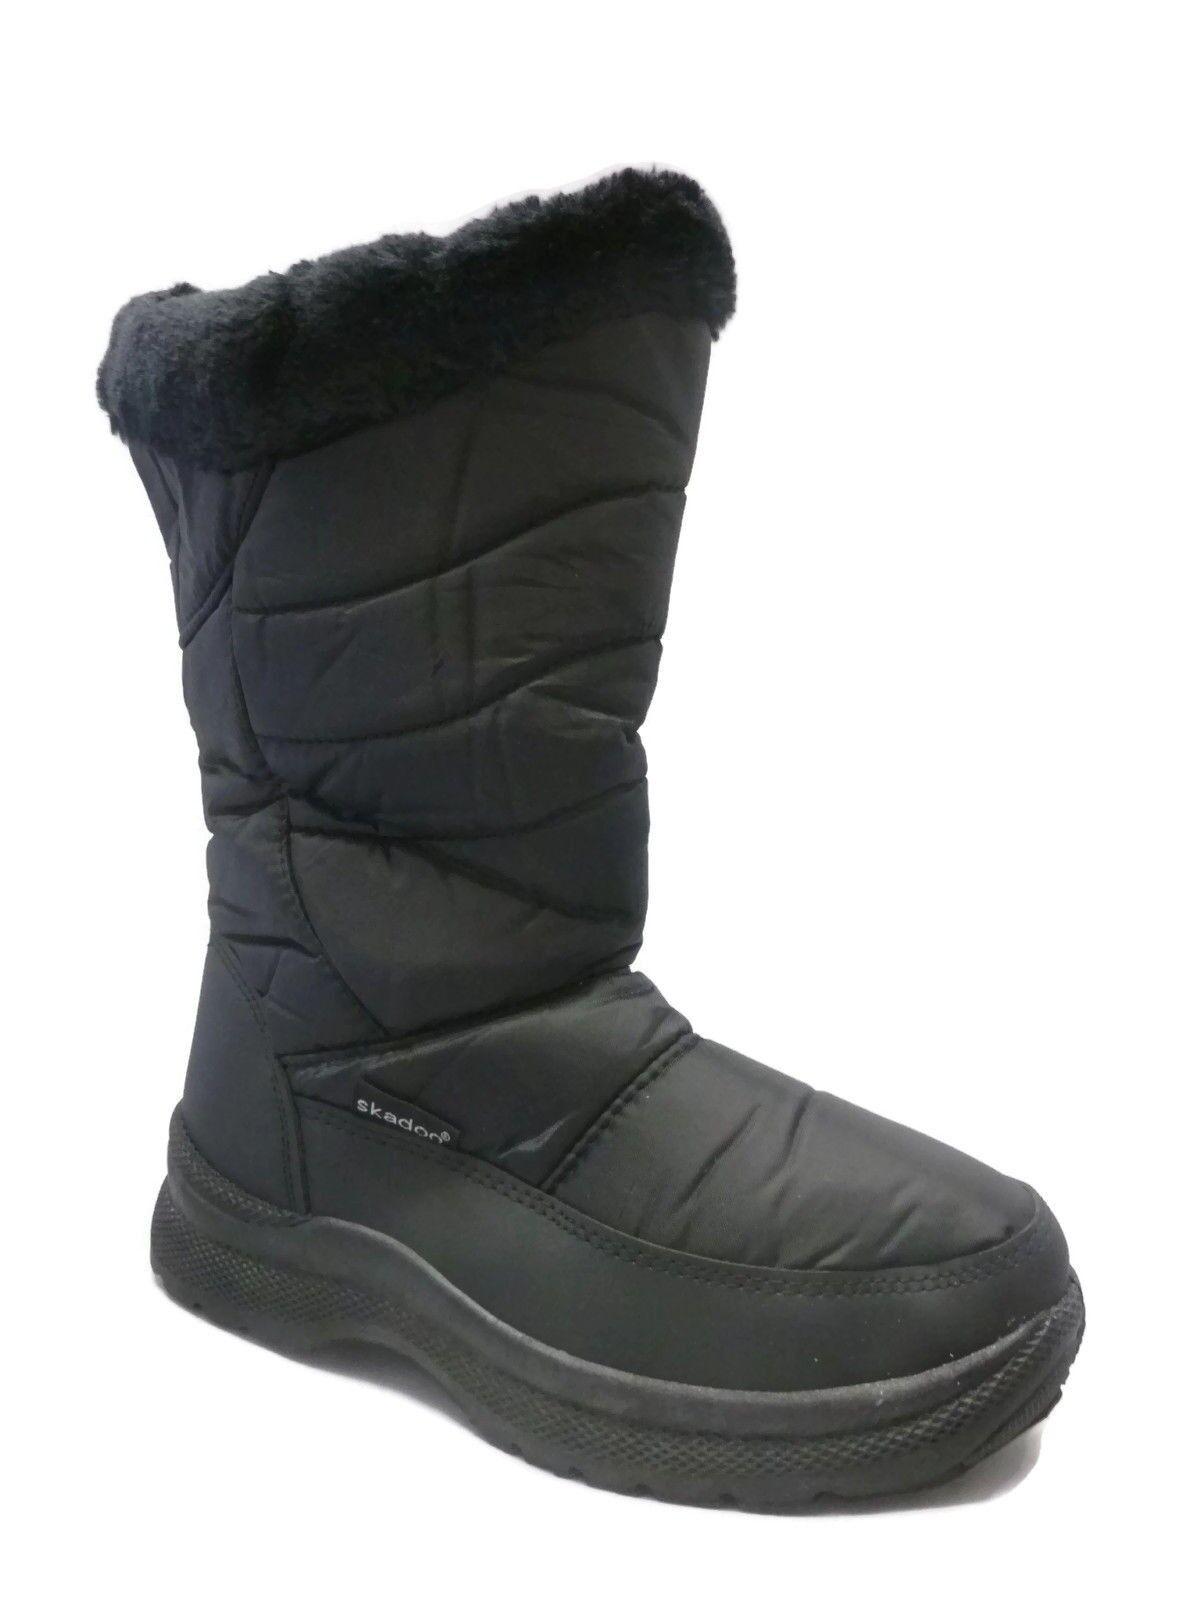 Damen Schwarz Schnee Stiefel Skadoo Winterstiefel Größen 5-11 Wasserdicht Und